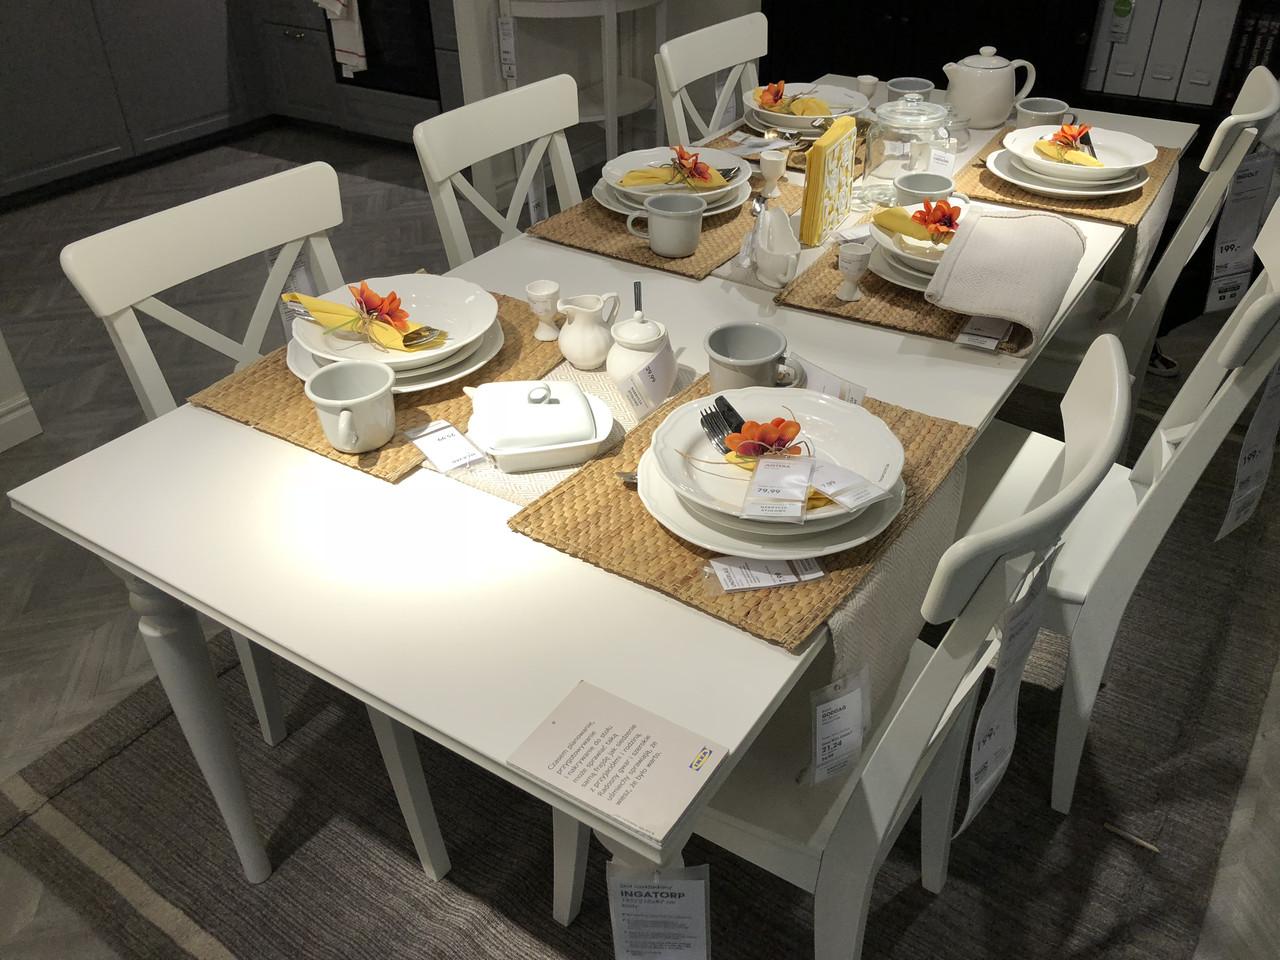 набор мебели прямоугольный стол 4 стулья икеа Ikea продажа